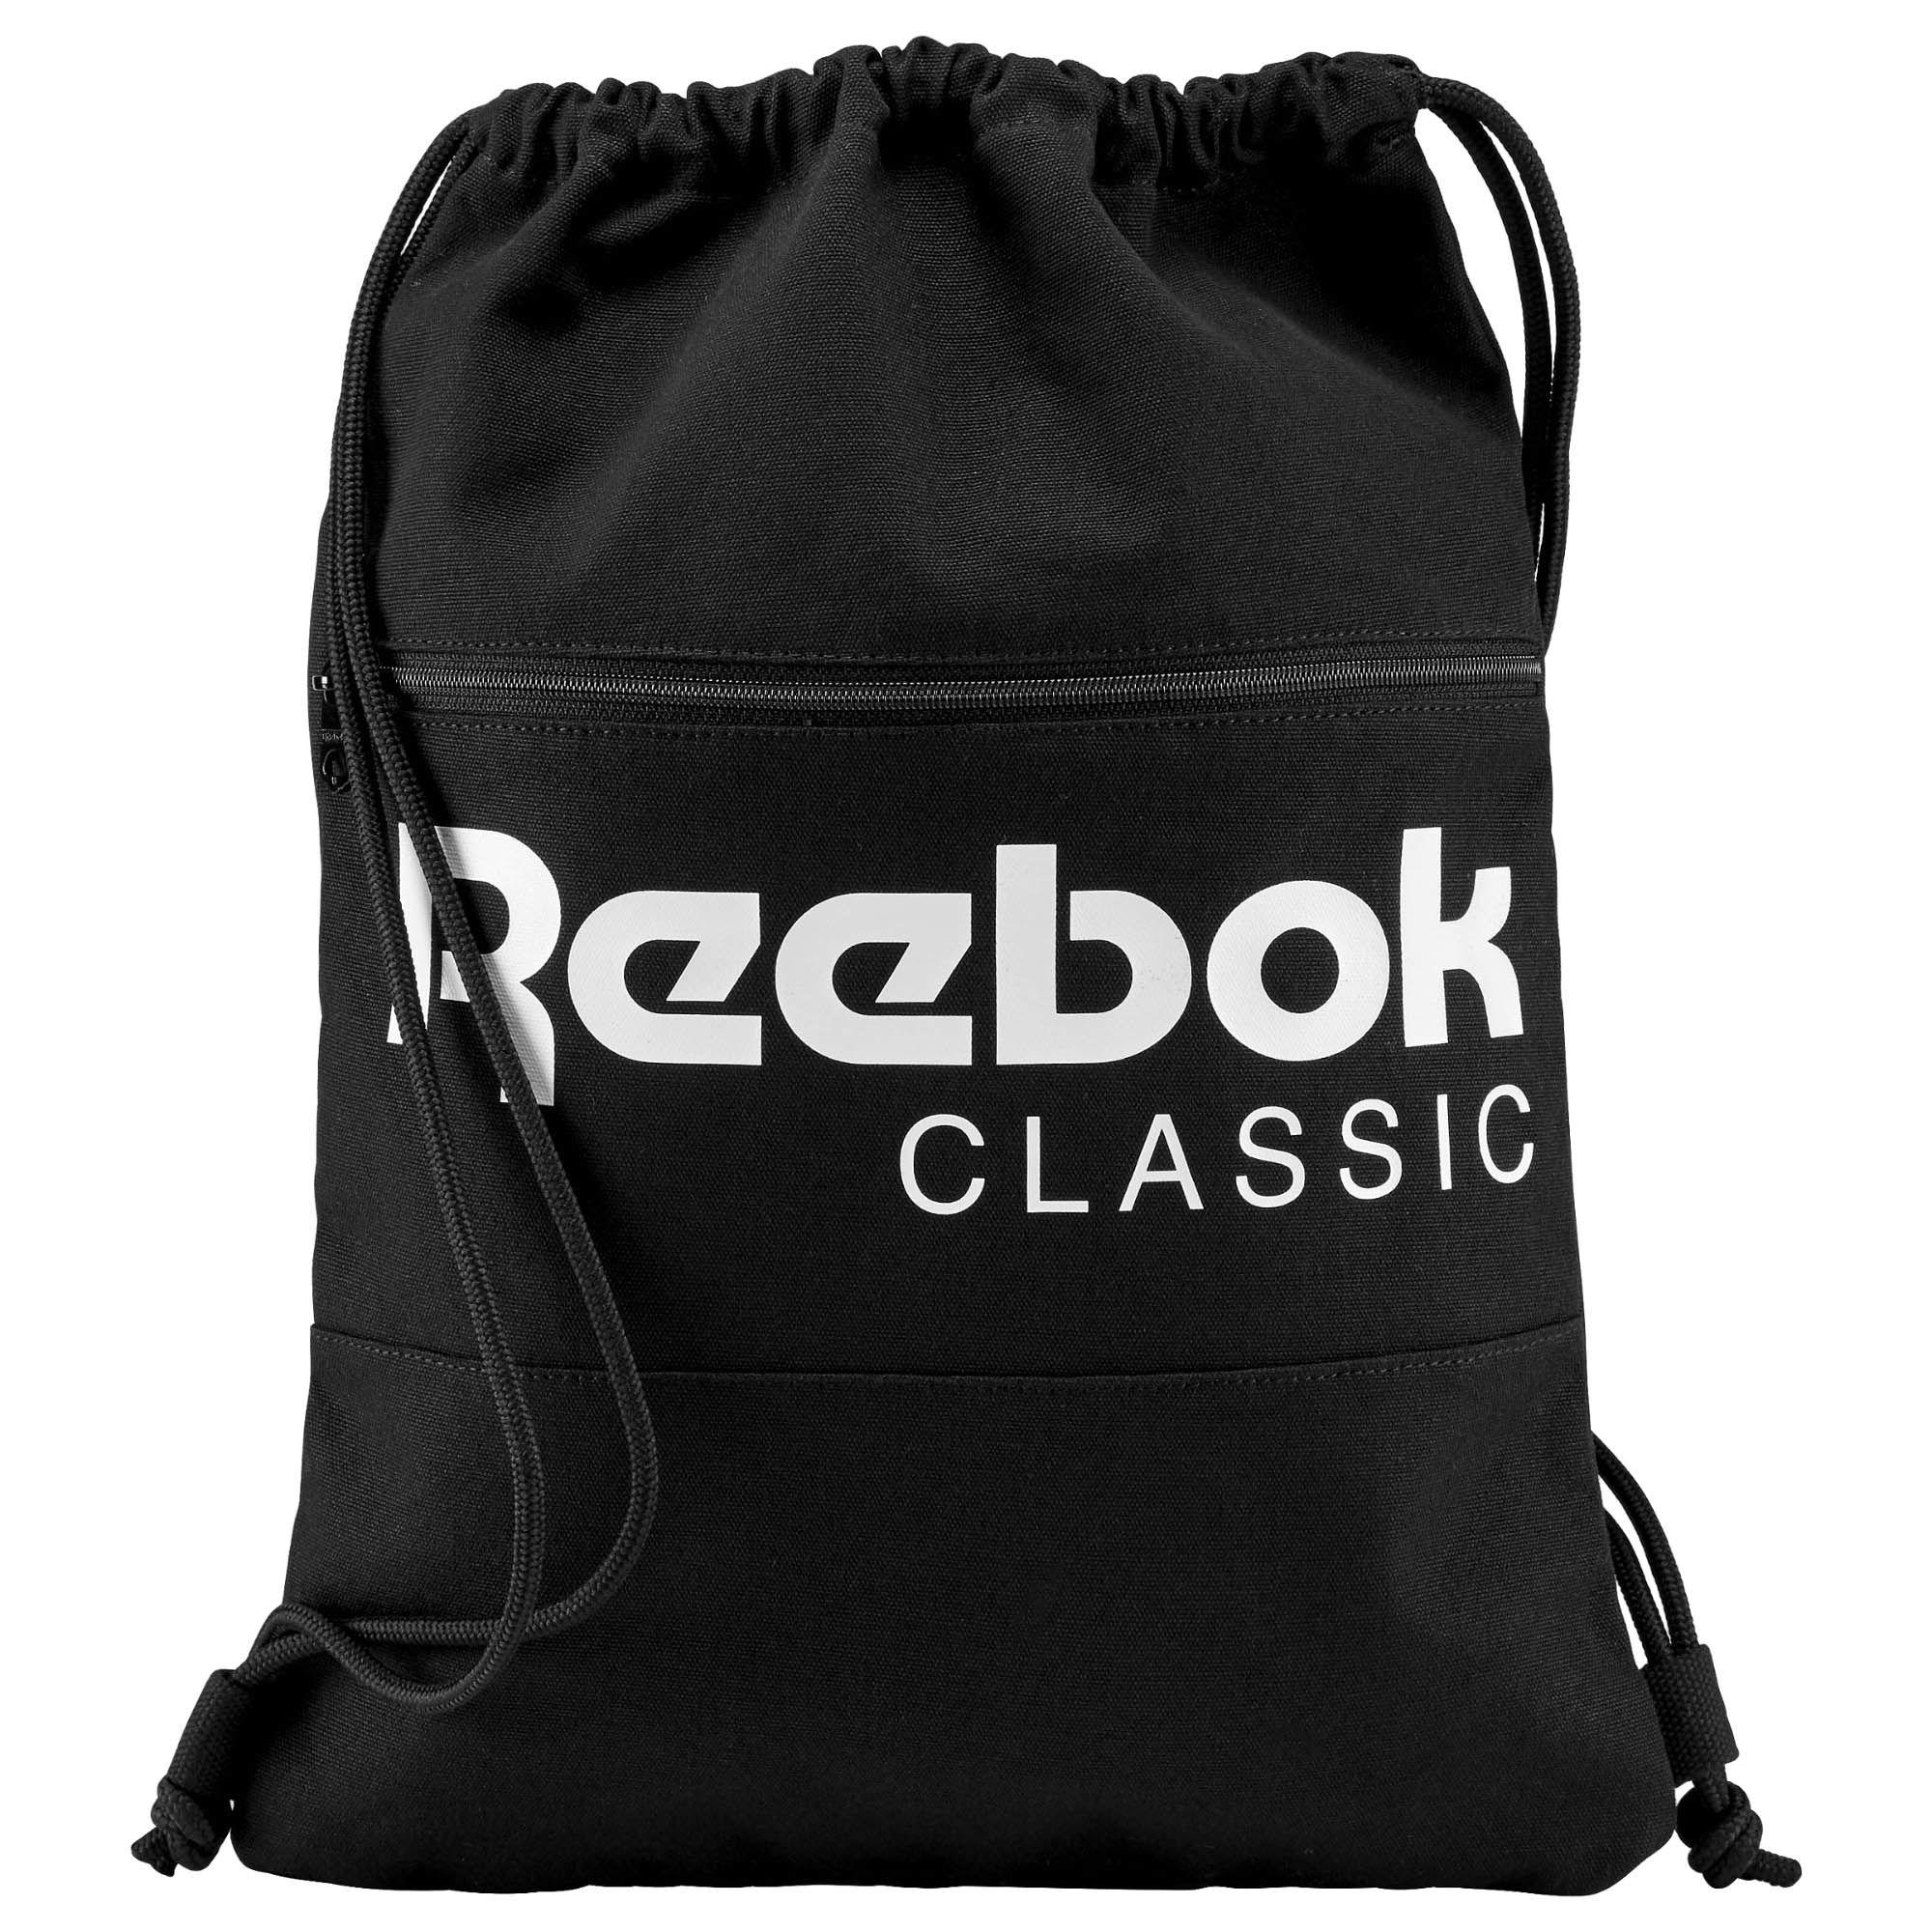 Рюкзак спортивный Reebok Cl Fo Gymsack, цвет: черный. AY0018AY0018Рюкзак спортивный Reebok Cl Fo Gymsack с успехом вместит в себя все необходимое, а в пустом сложенном виде почти не займет места. Потайные карманы отлично подходят для надежного хранения ценных вещей. Модель застегивается на затягивающийся шнурок и дополнена спереди карманом на молнии.